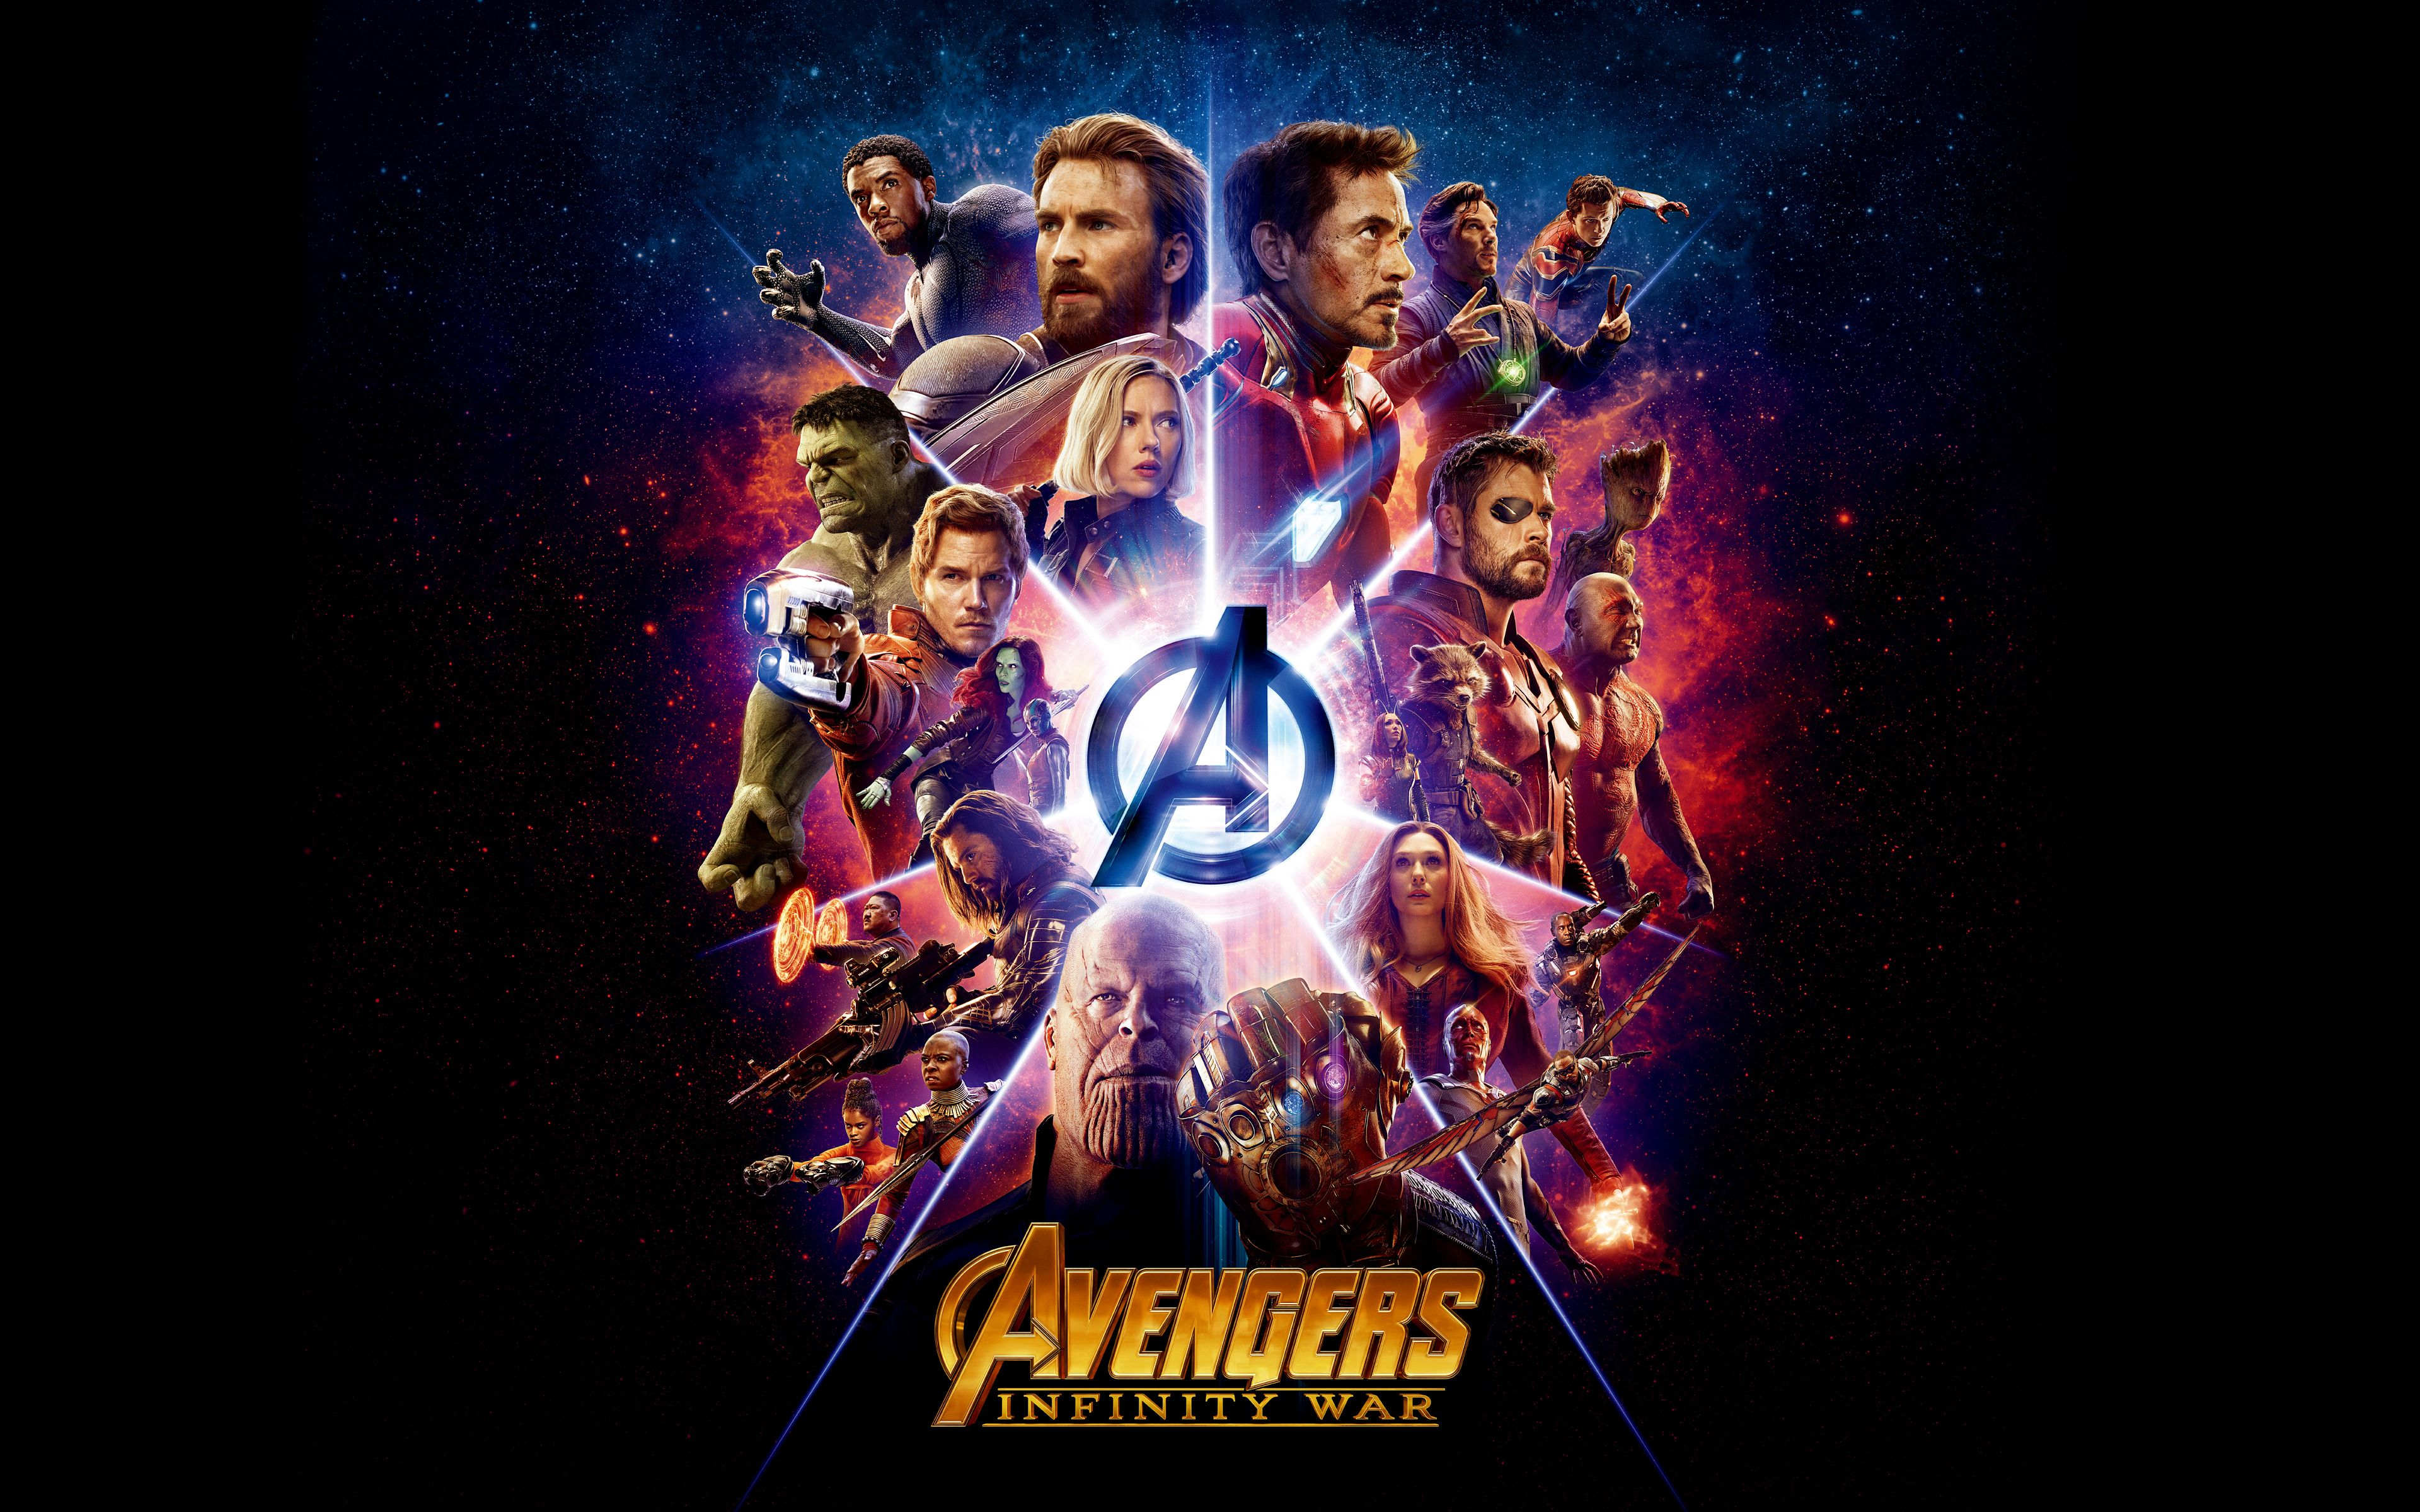 Avengers Infinity War 4k 8k Http Www Pixel4k Com Avengers Infinity War 4k 8k 23070 Html Avengers Deadpool Infin In 2021 Avengers Infinity War Infinity War Avengers